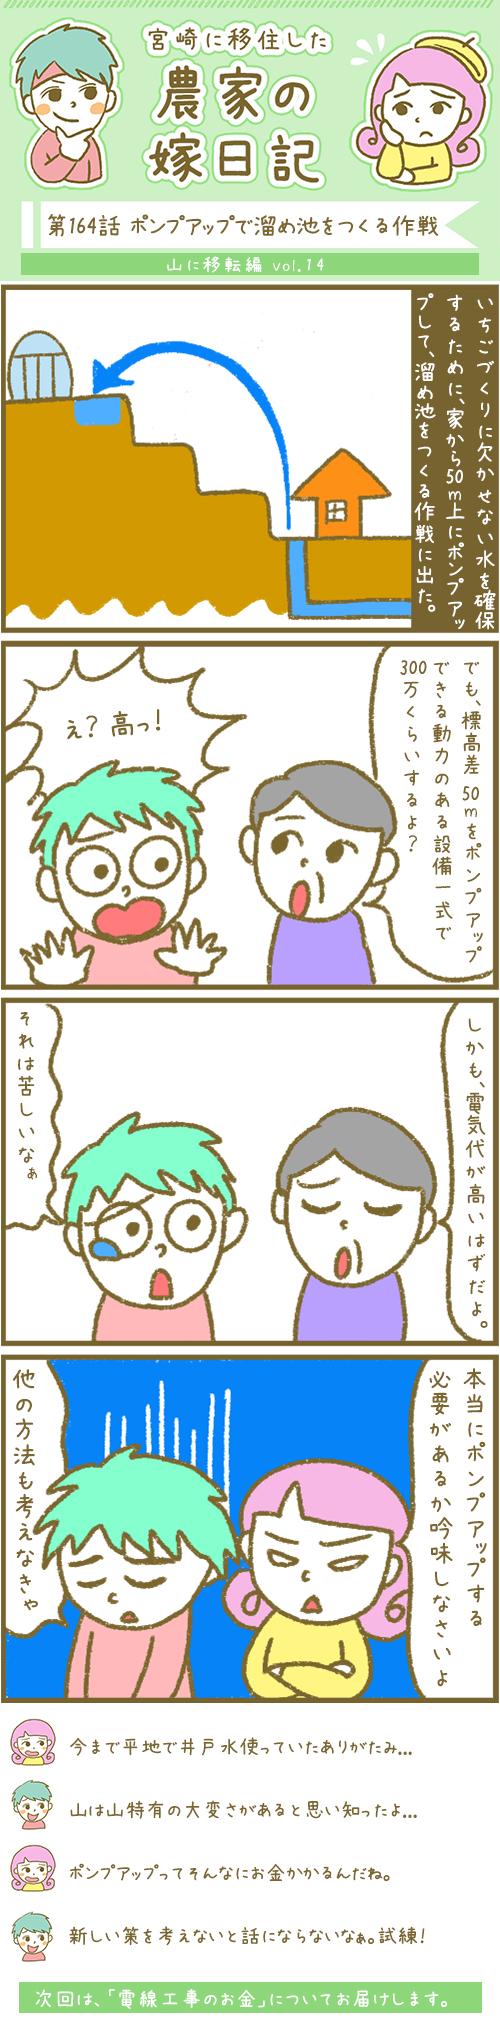 漫画第164話